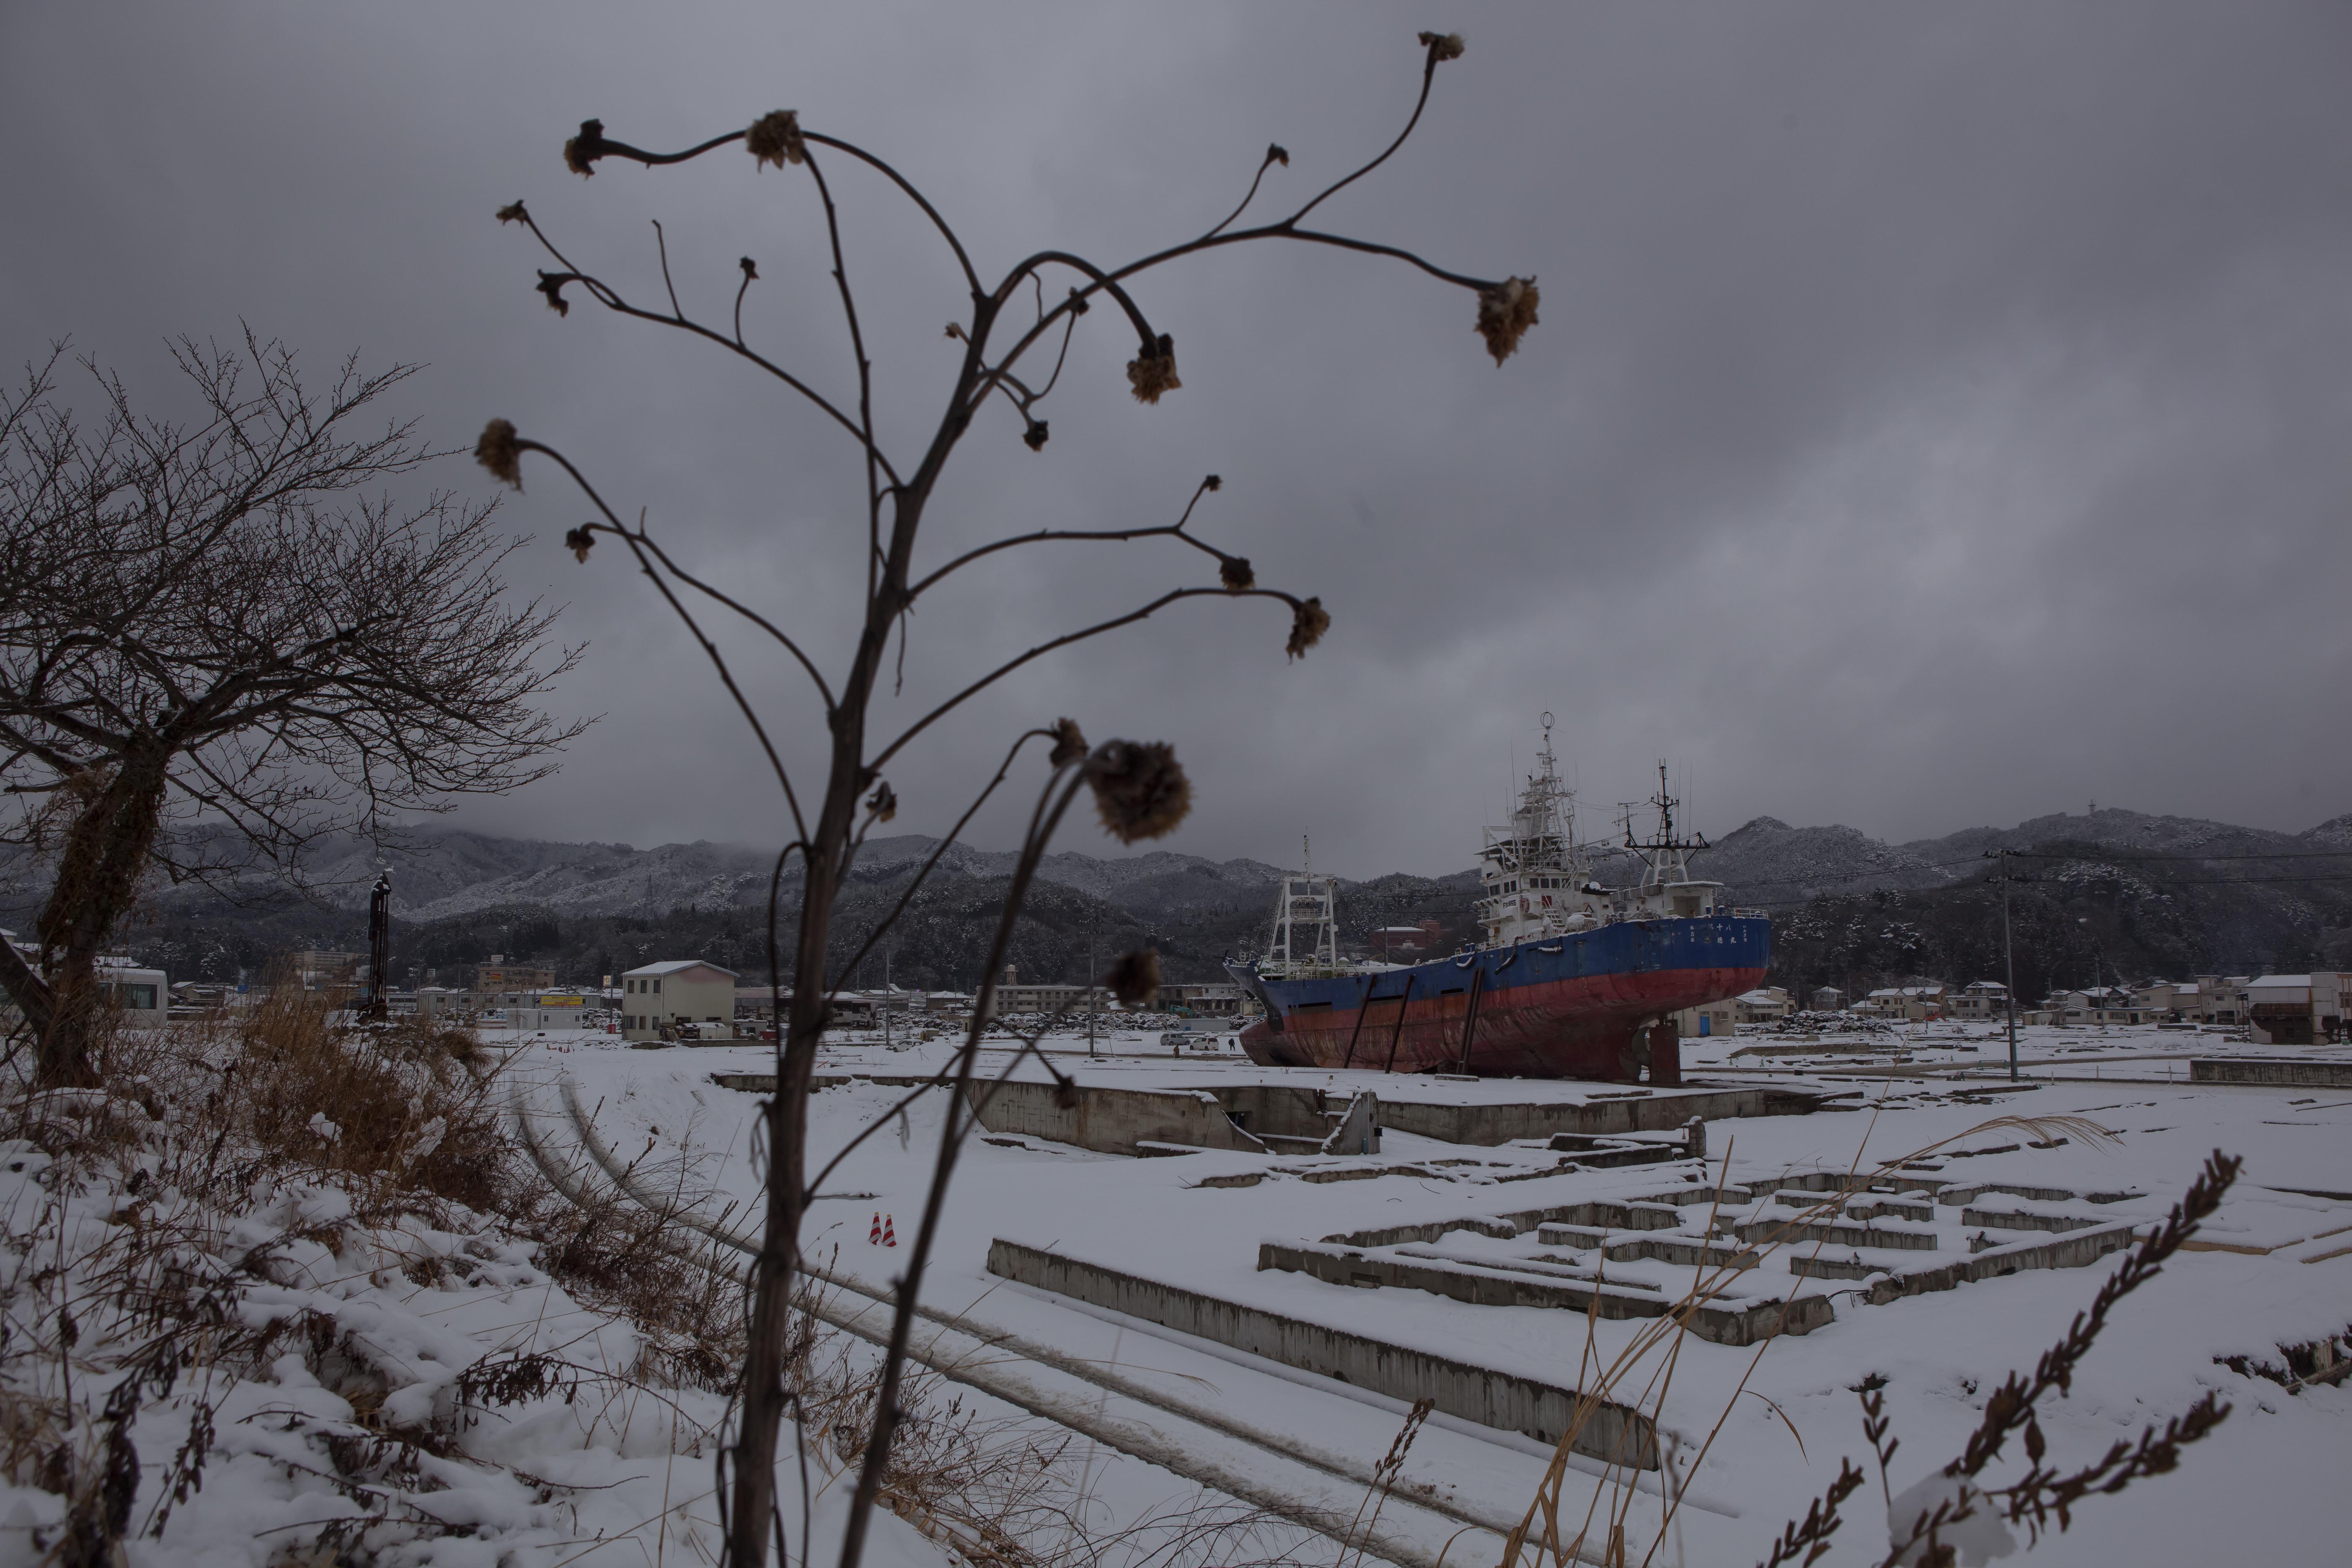 Feb. 25, 2012. Kesennuma, Japan. A ship deposited inland by the tsunami.